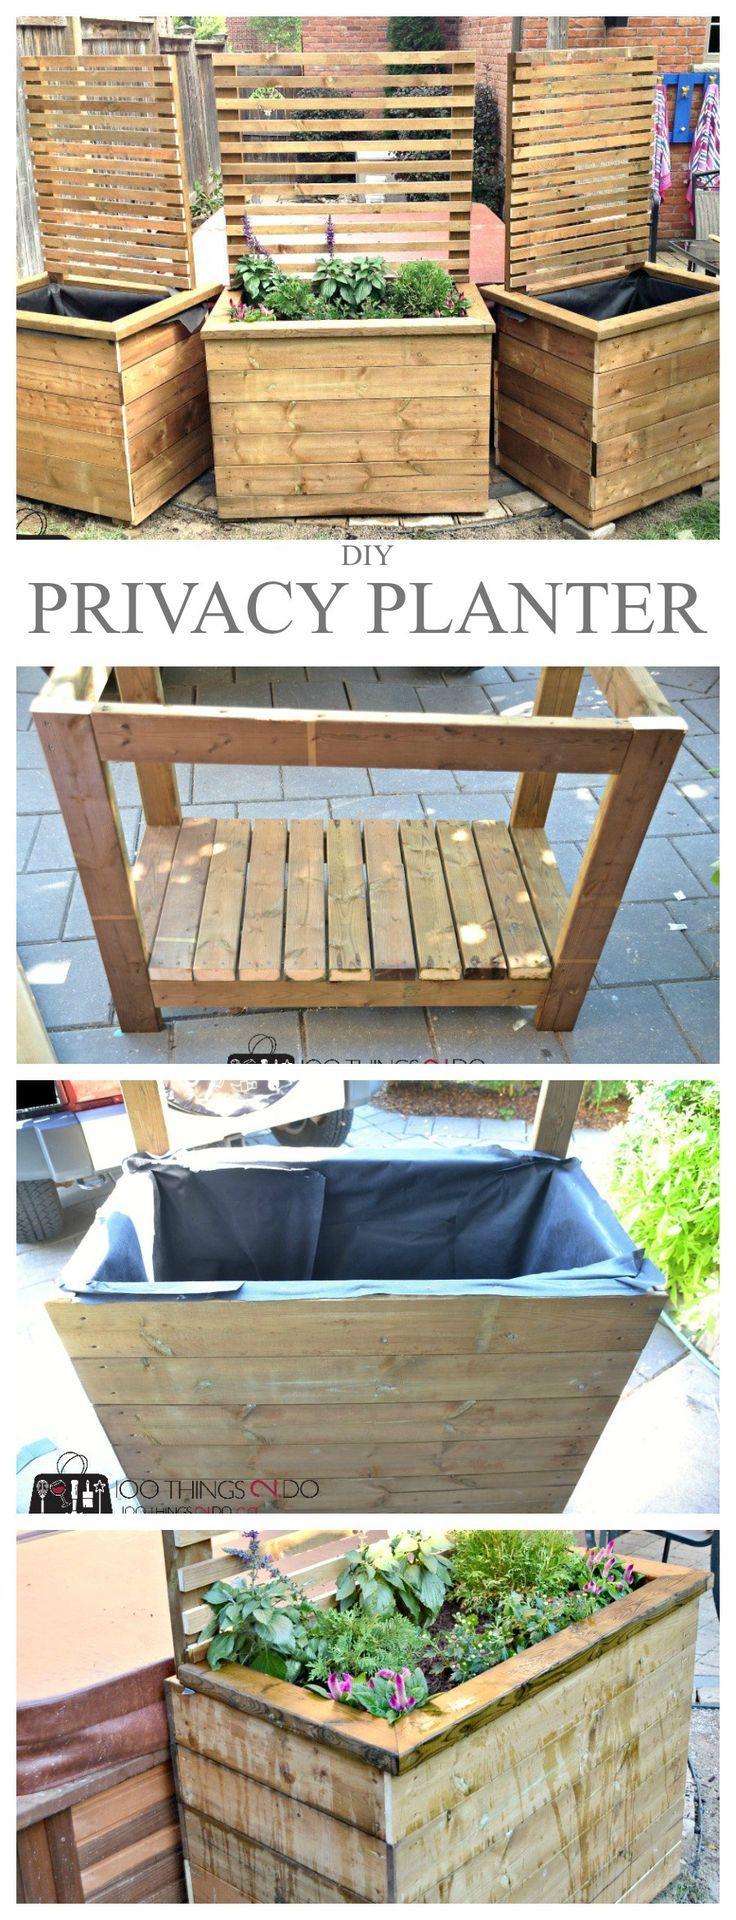 DIY Privacy Planter / DIY Privacy Sceen Diy privacy